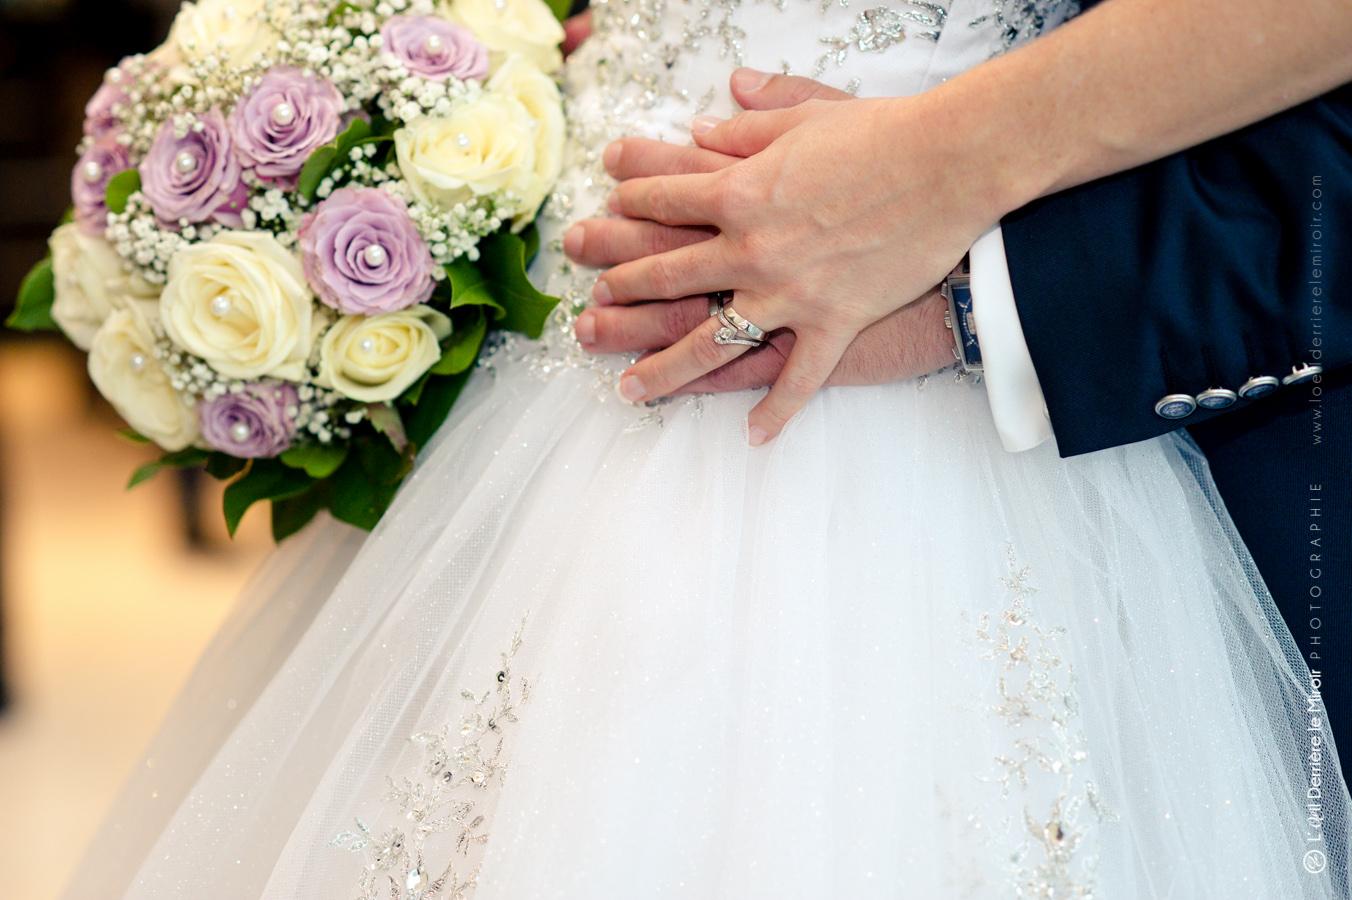 Photographe-mariage-monaco-loeilderrierelemiroir-065